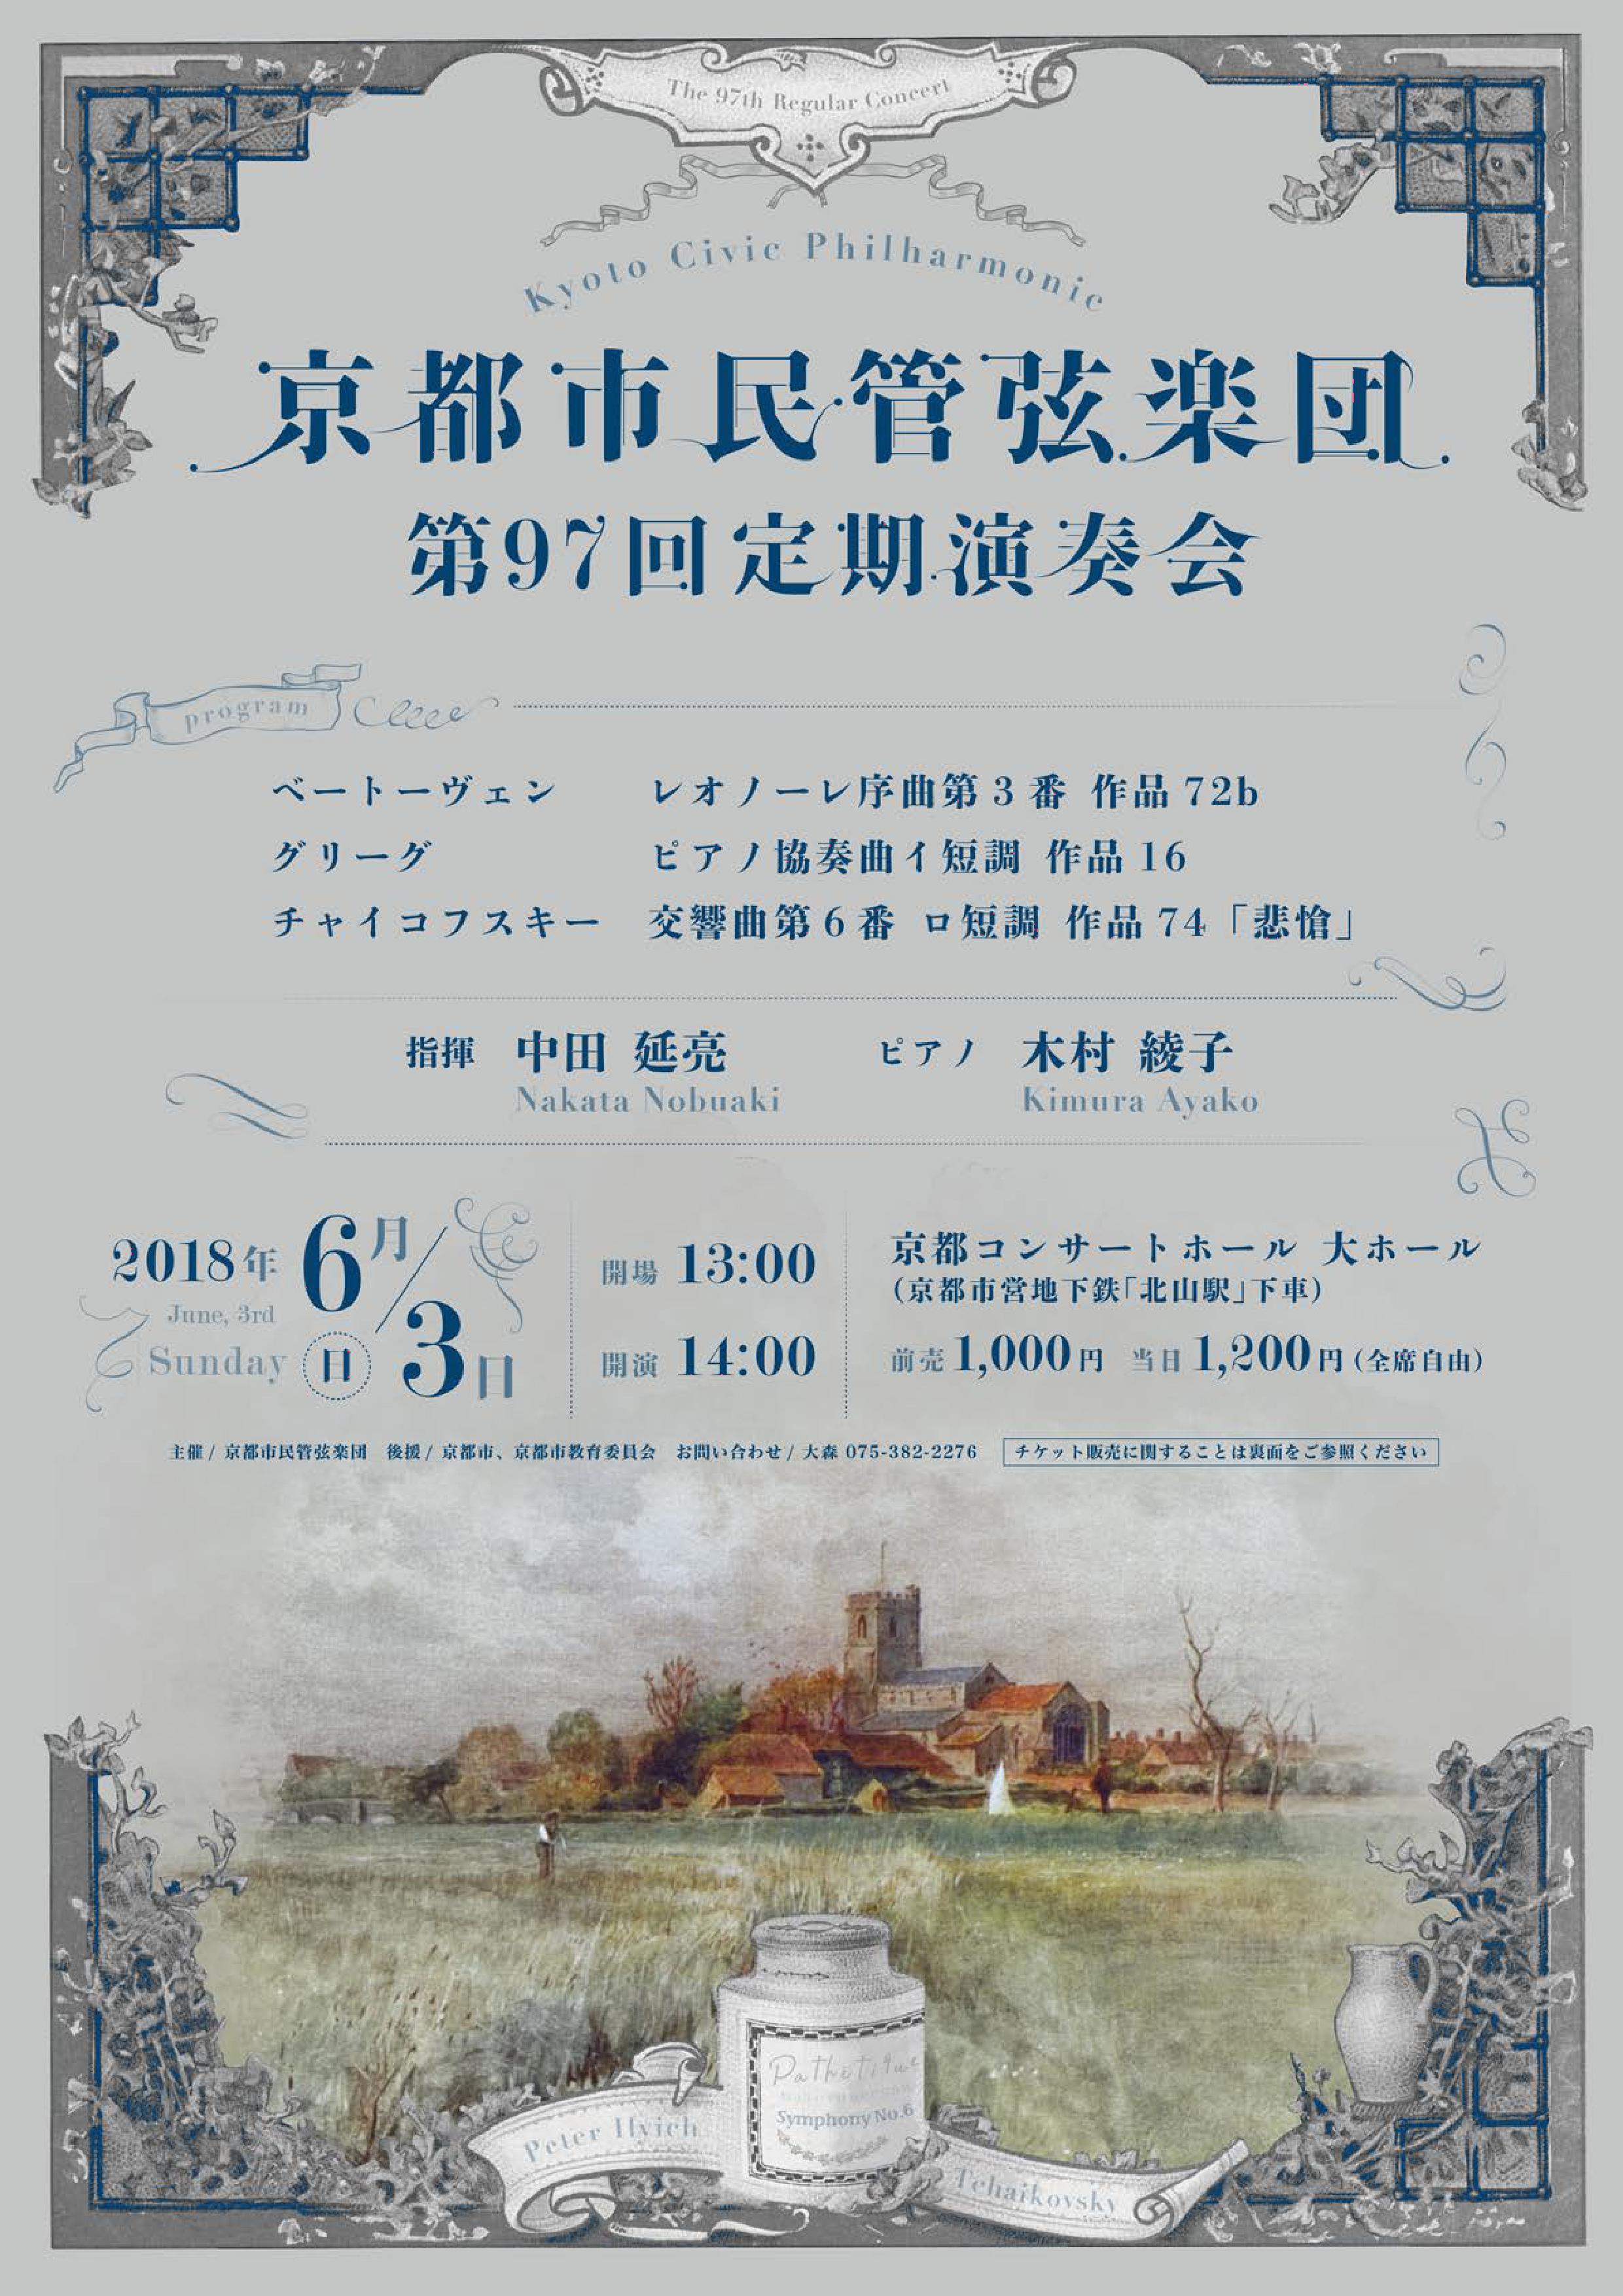 京都市民管 第97回定期のおしらせ